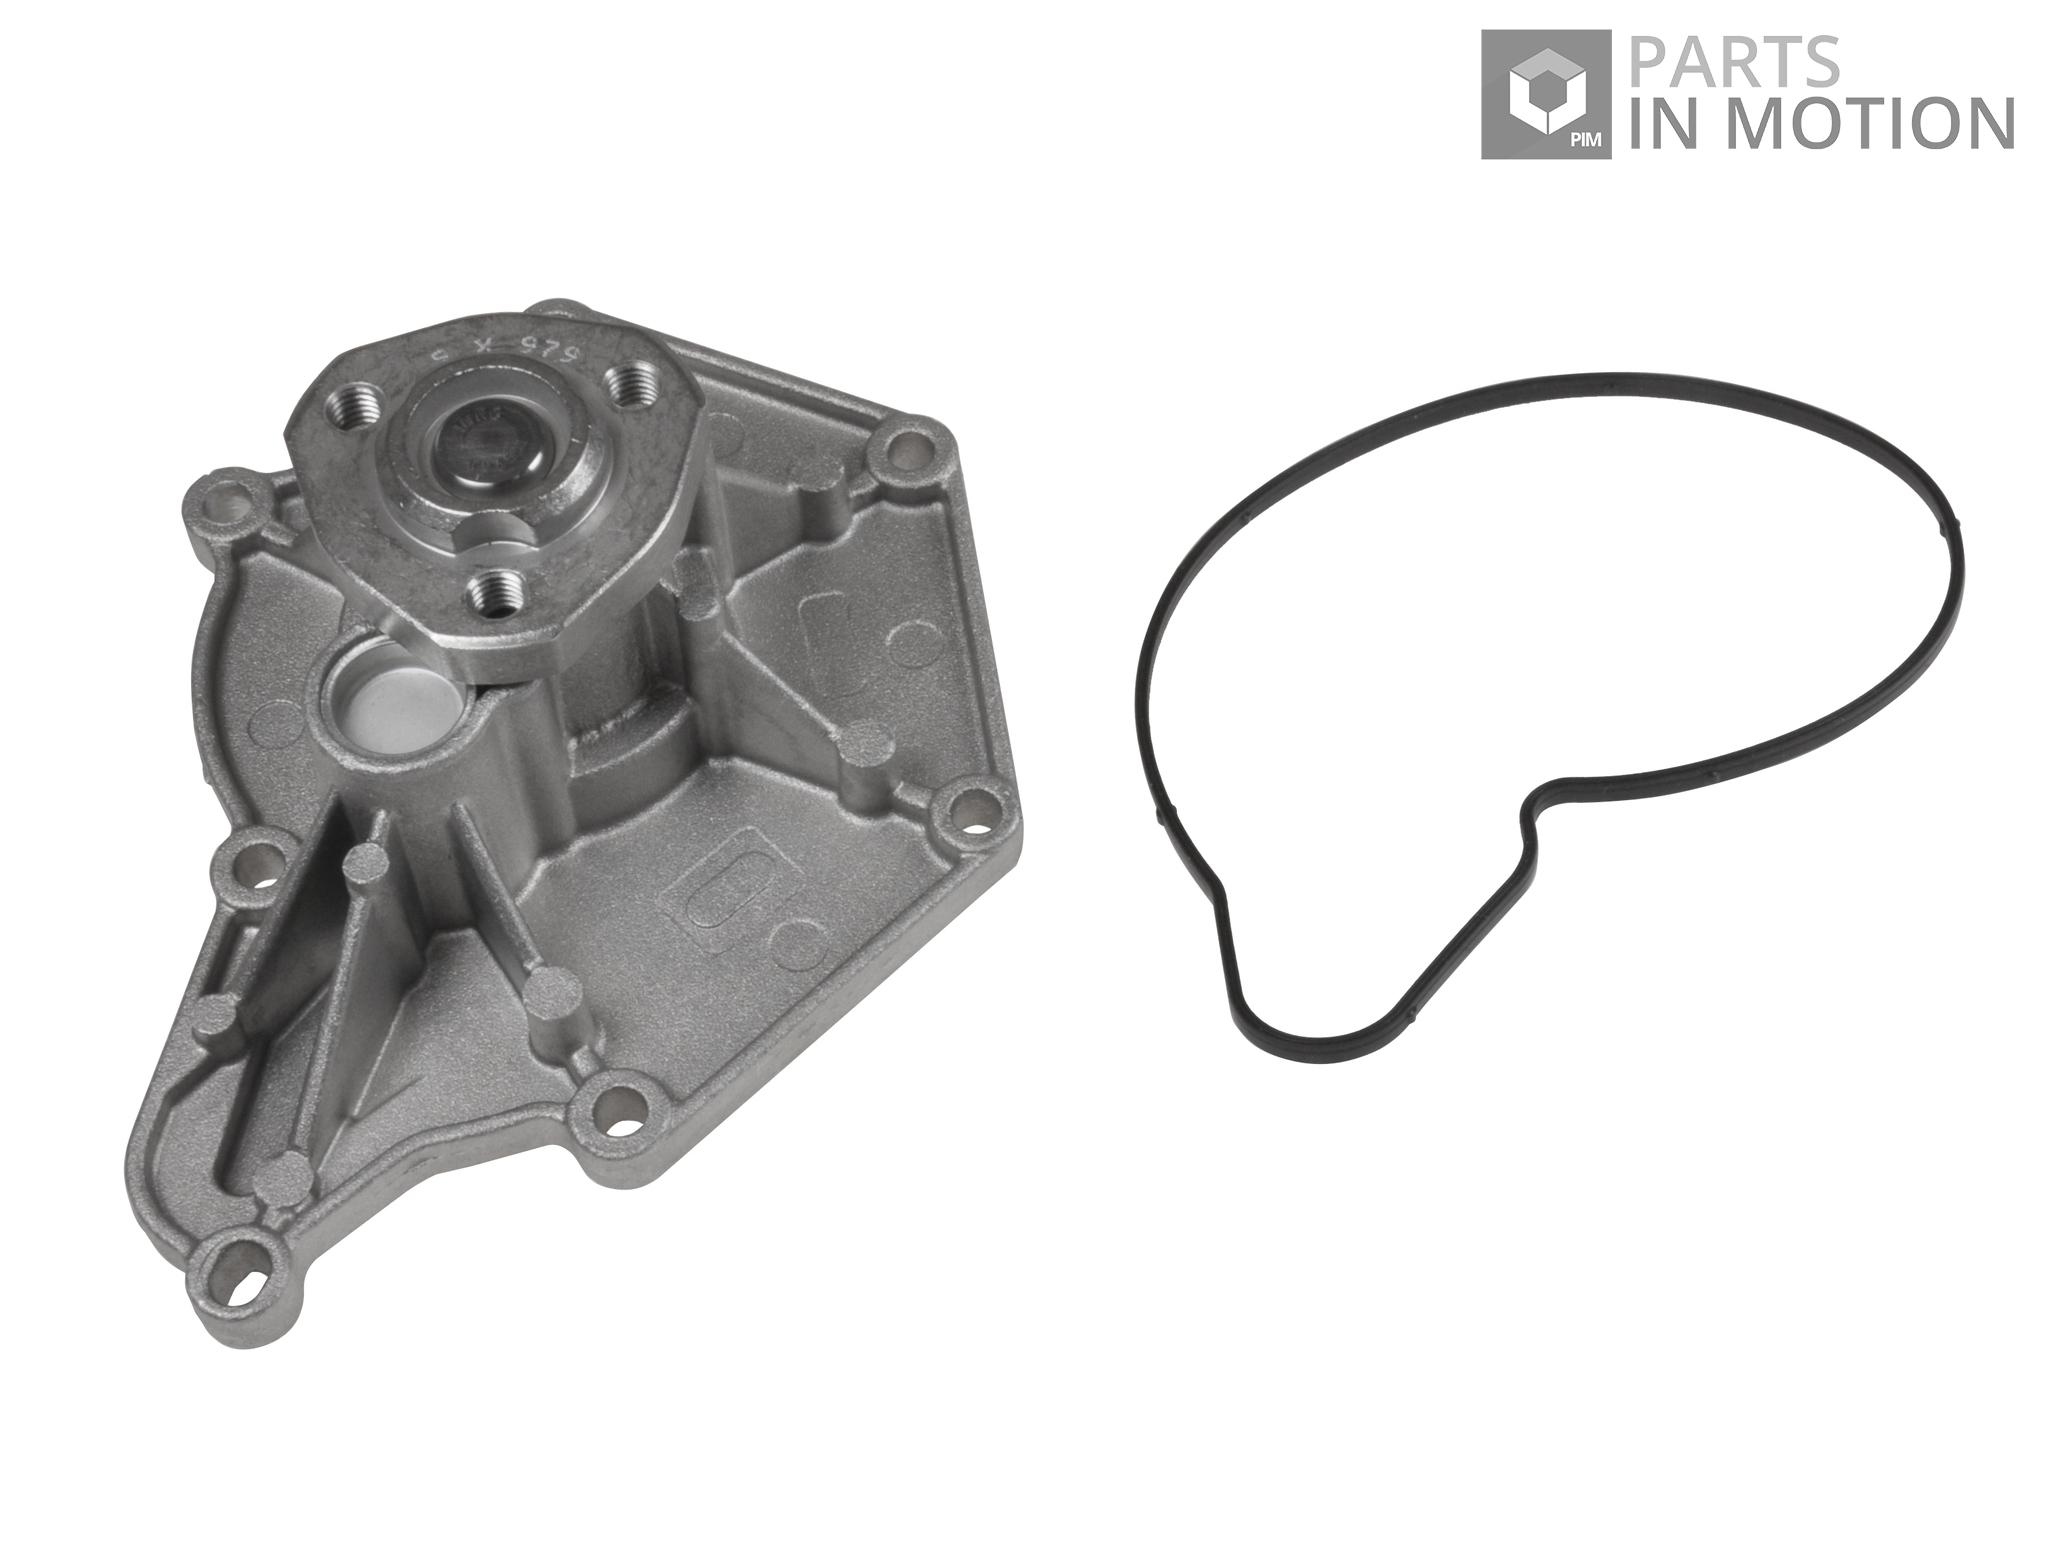 Audi A6 A4 Q7 Engine Water Pump metal impeller New Graf 06E121018A